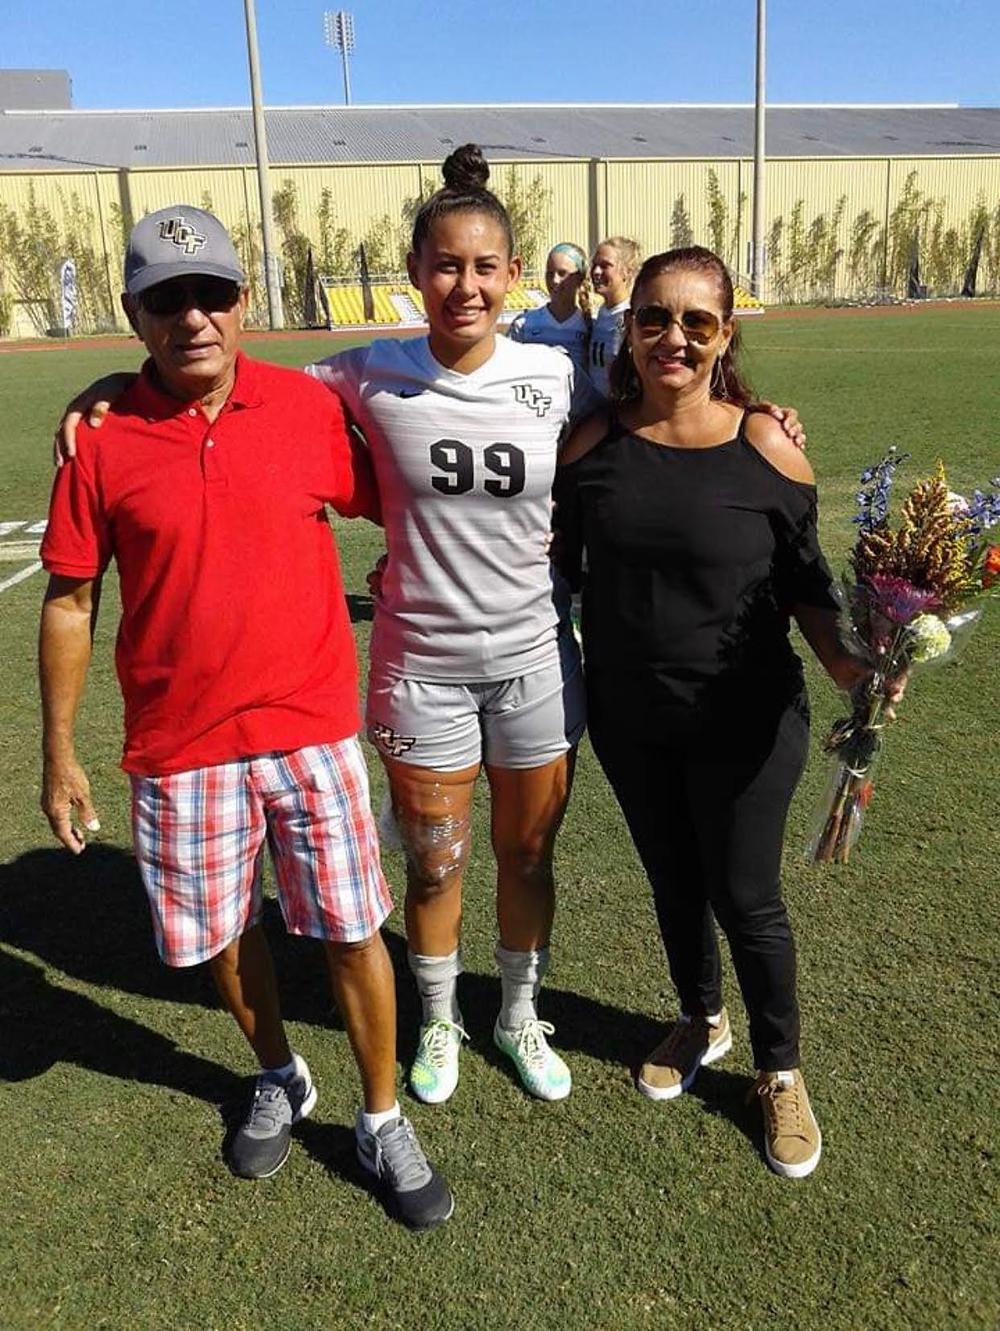 Atual atleta do Palmeiras Feminino, Carol Rodrigues posa com os seus pais após o jogo do seu time University of Central Florida, nos EUA